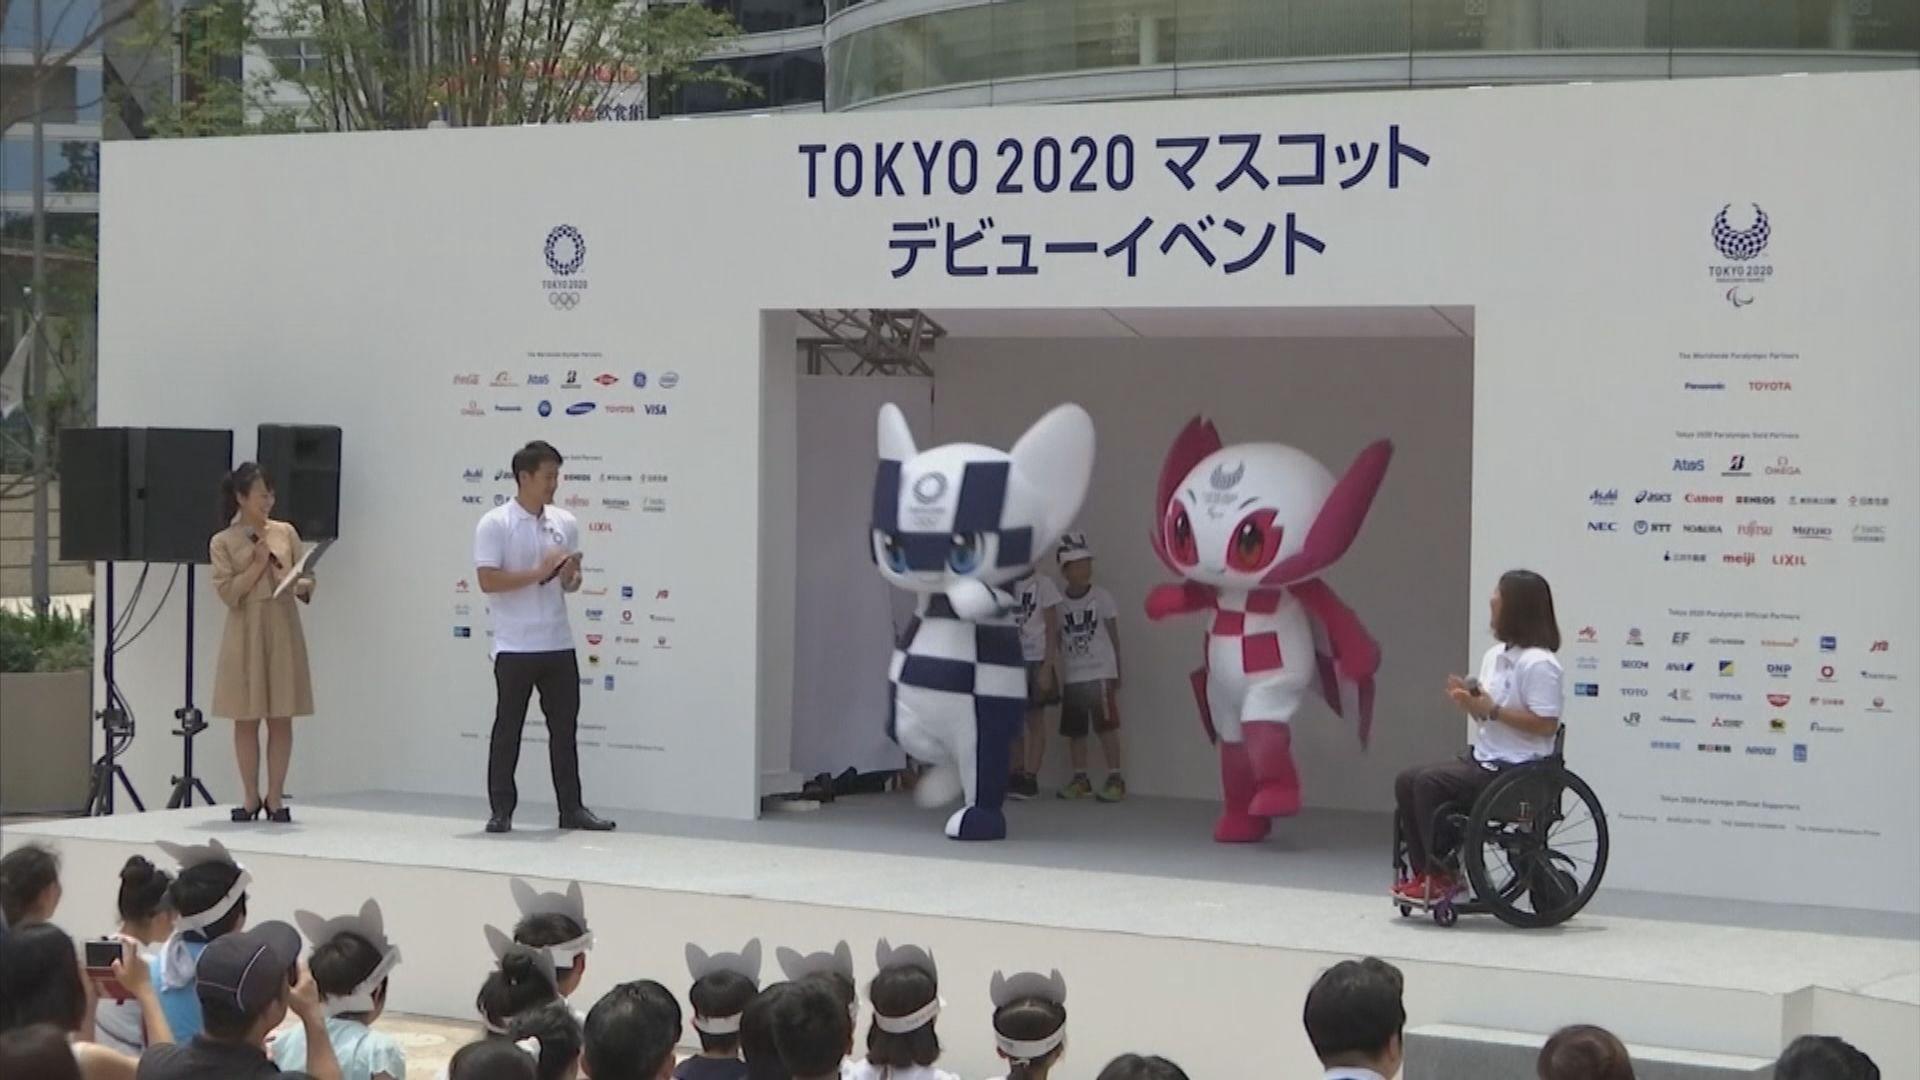 【環球薈報】日本疫情反彈逾八成東京奧運義工感不安